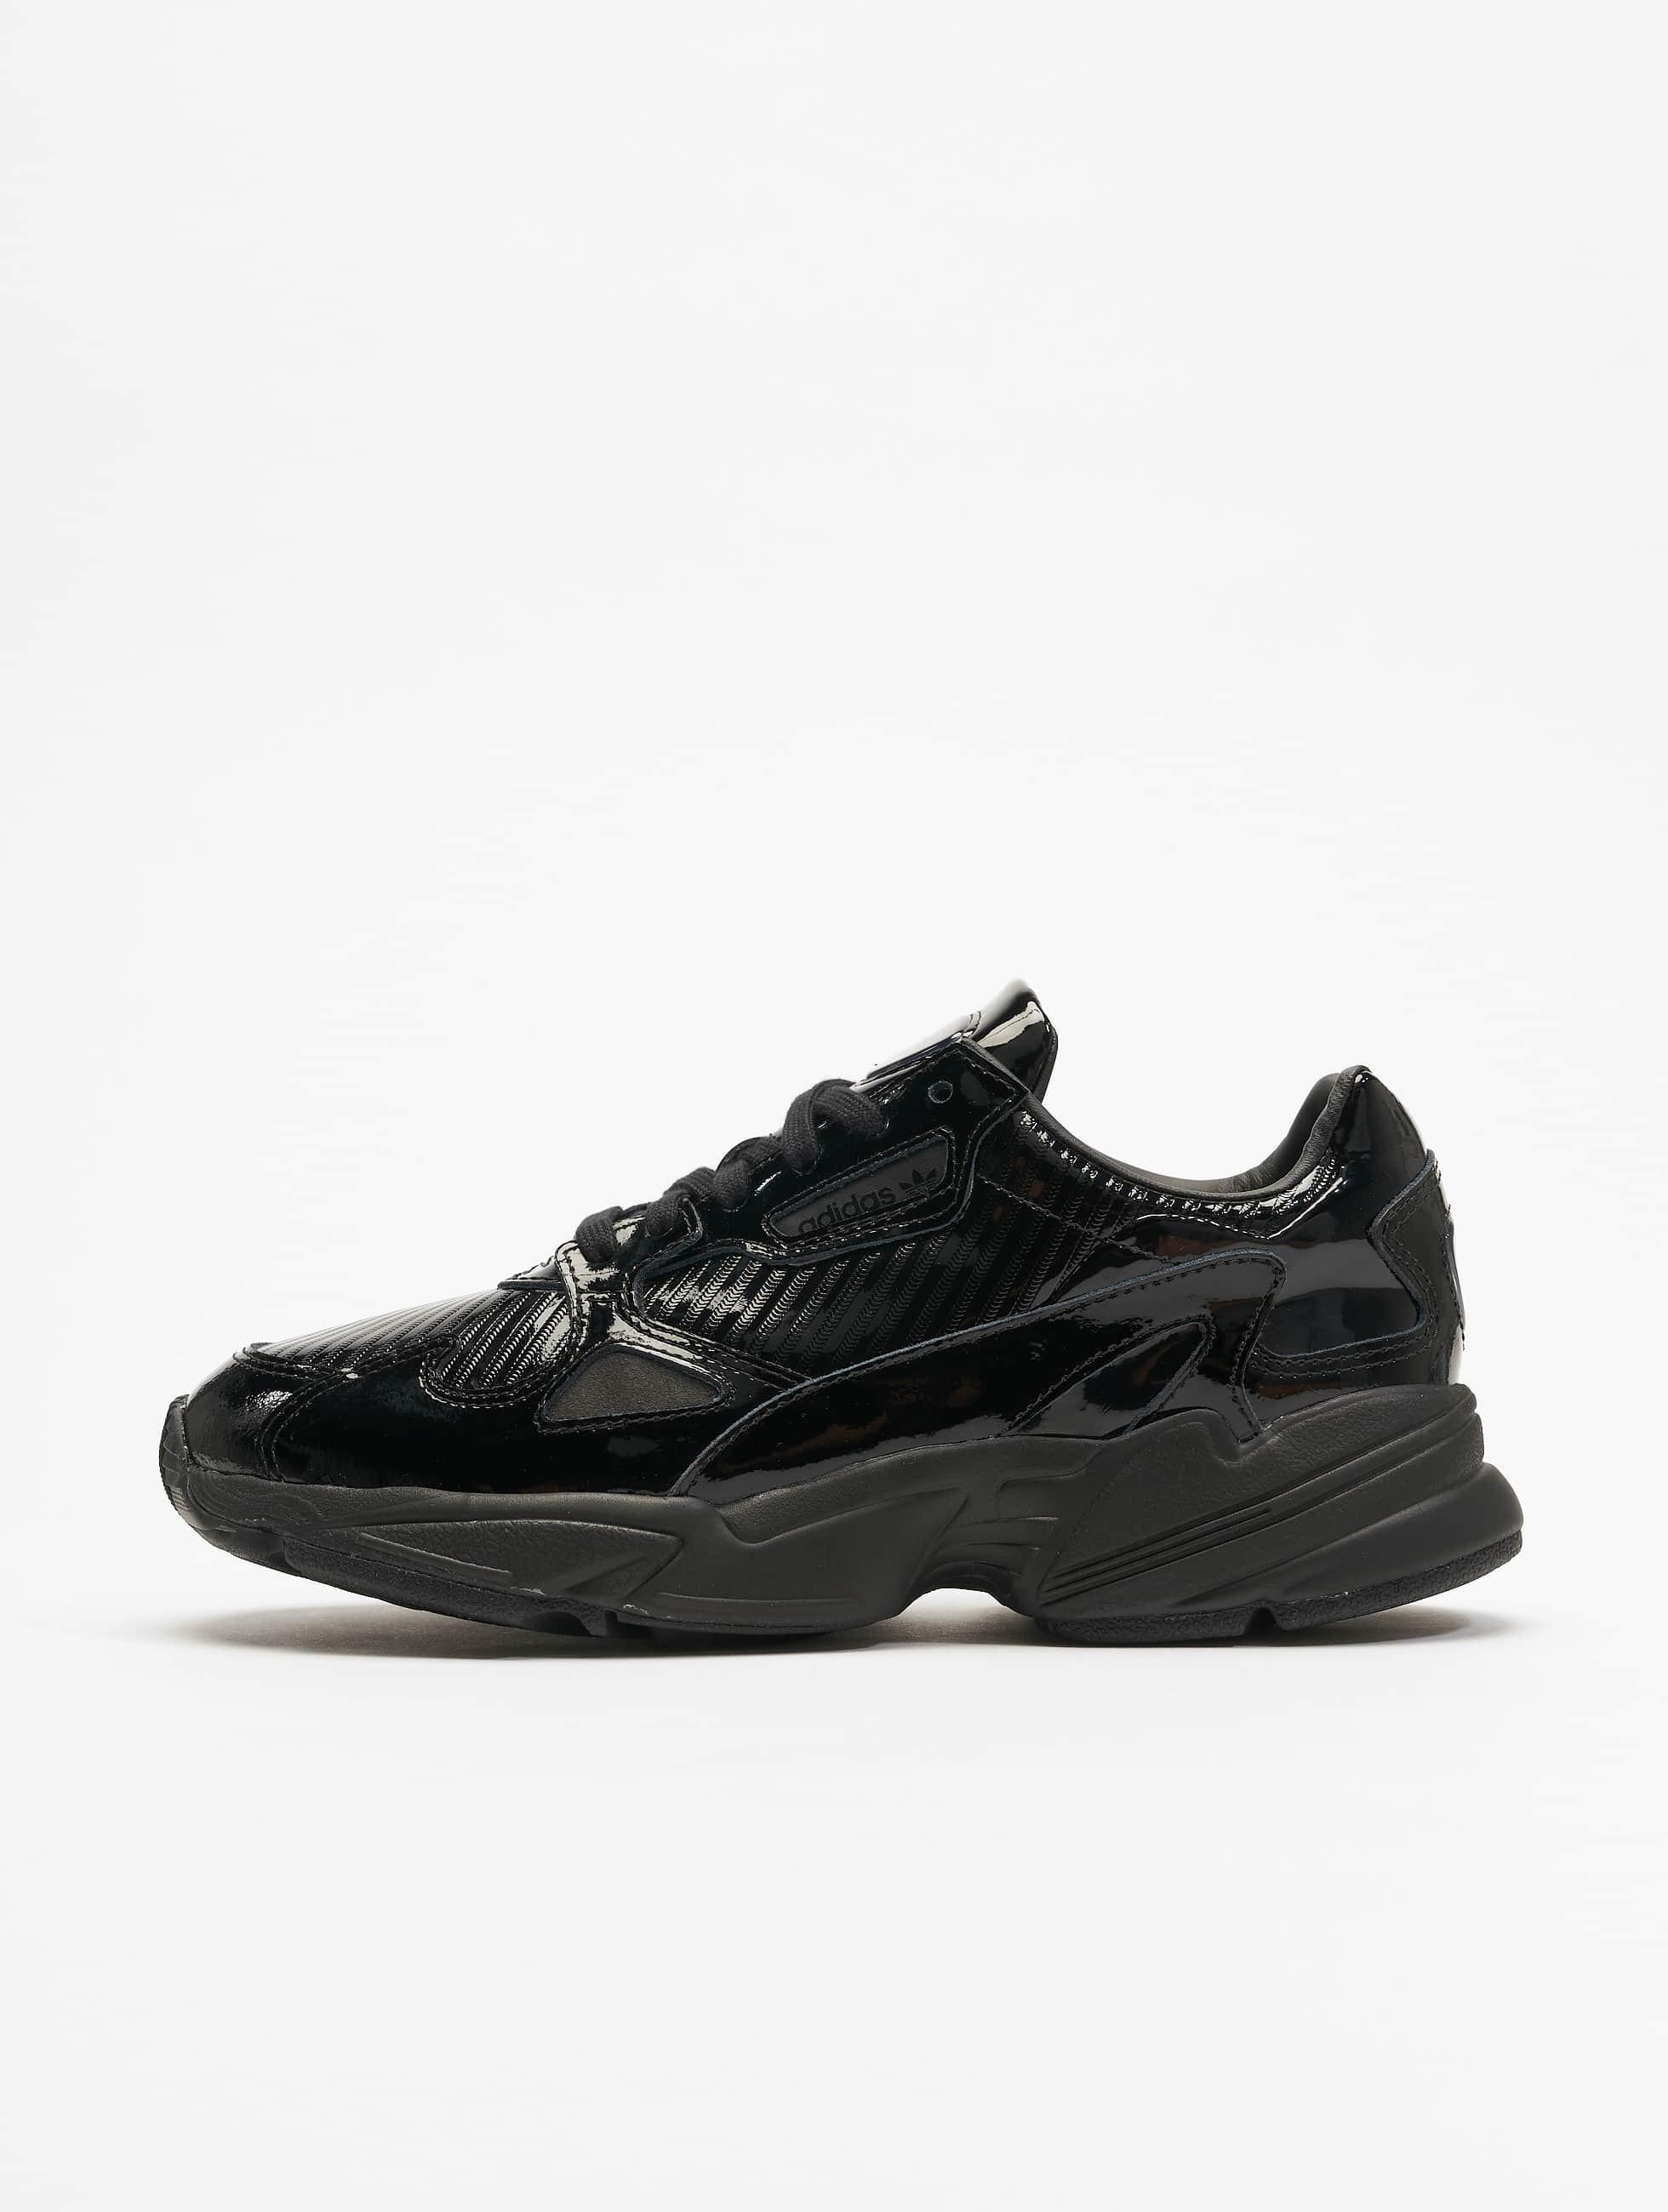 adidas originals Falcon Sneakers Core BlackCore BlackCollegiate Purple